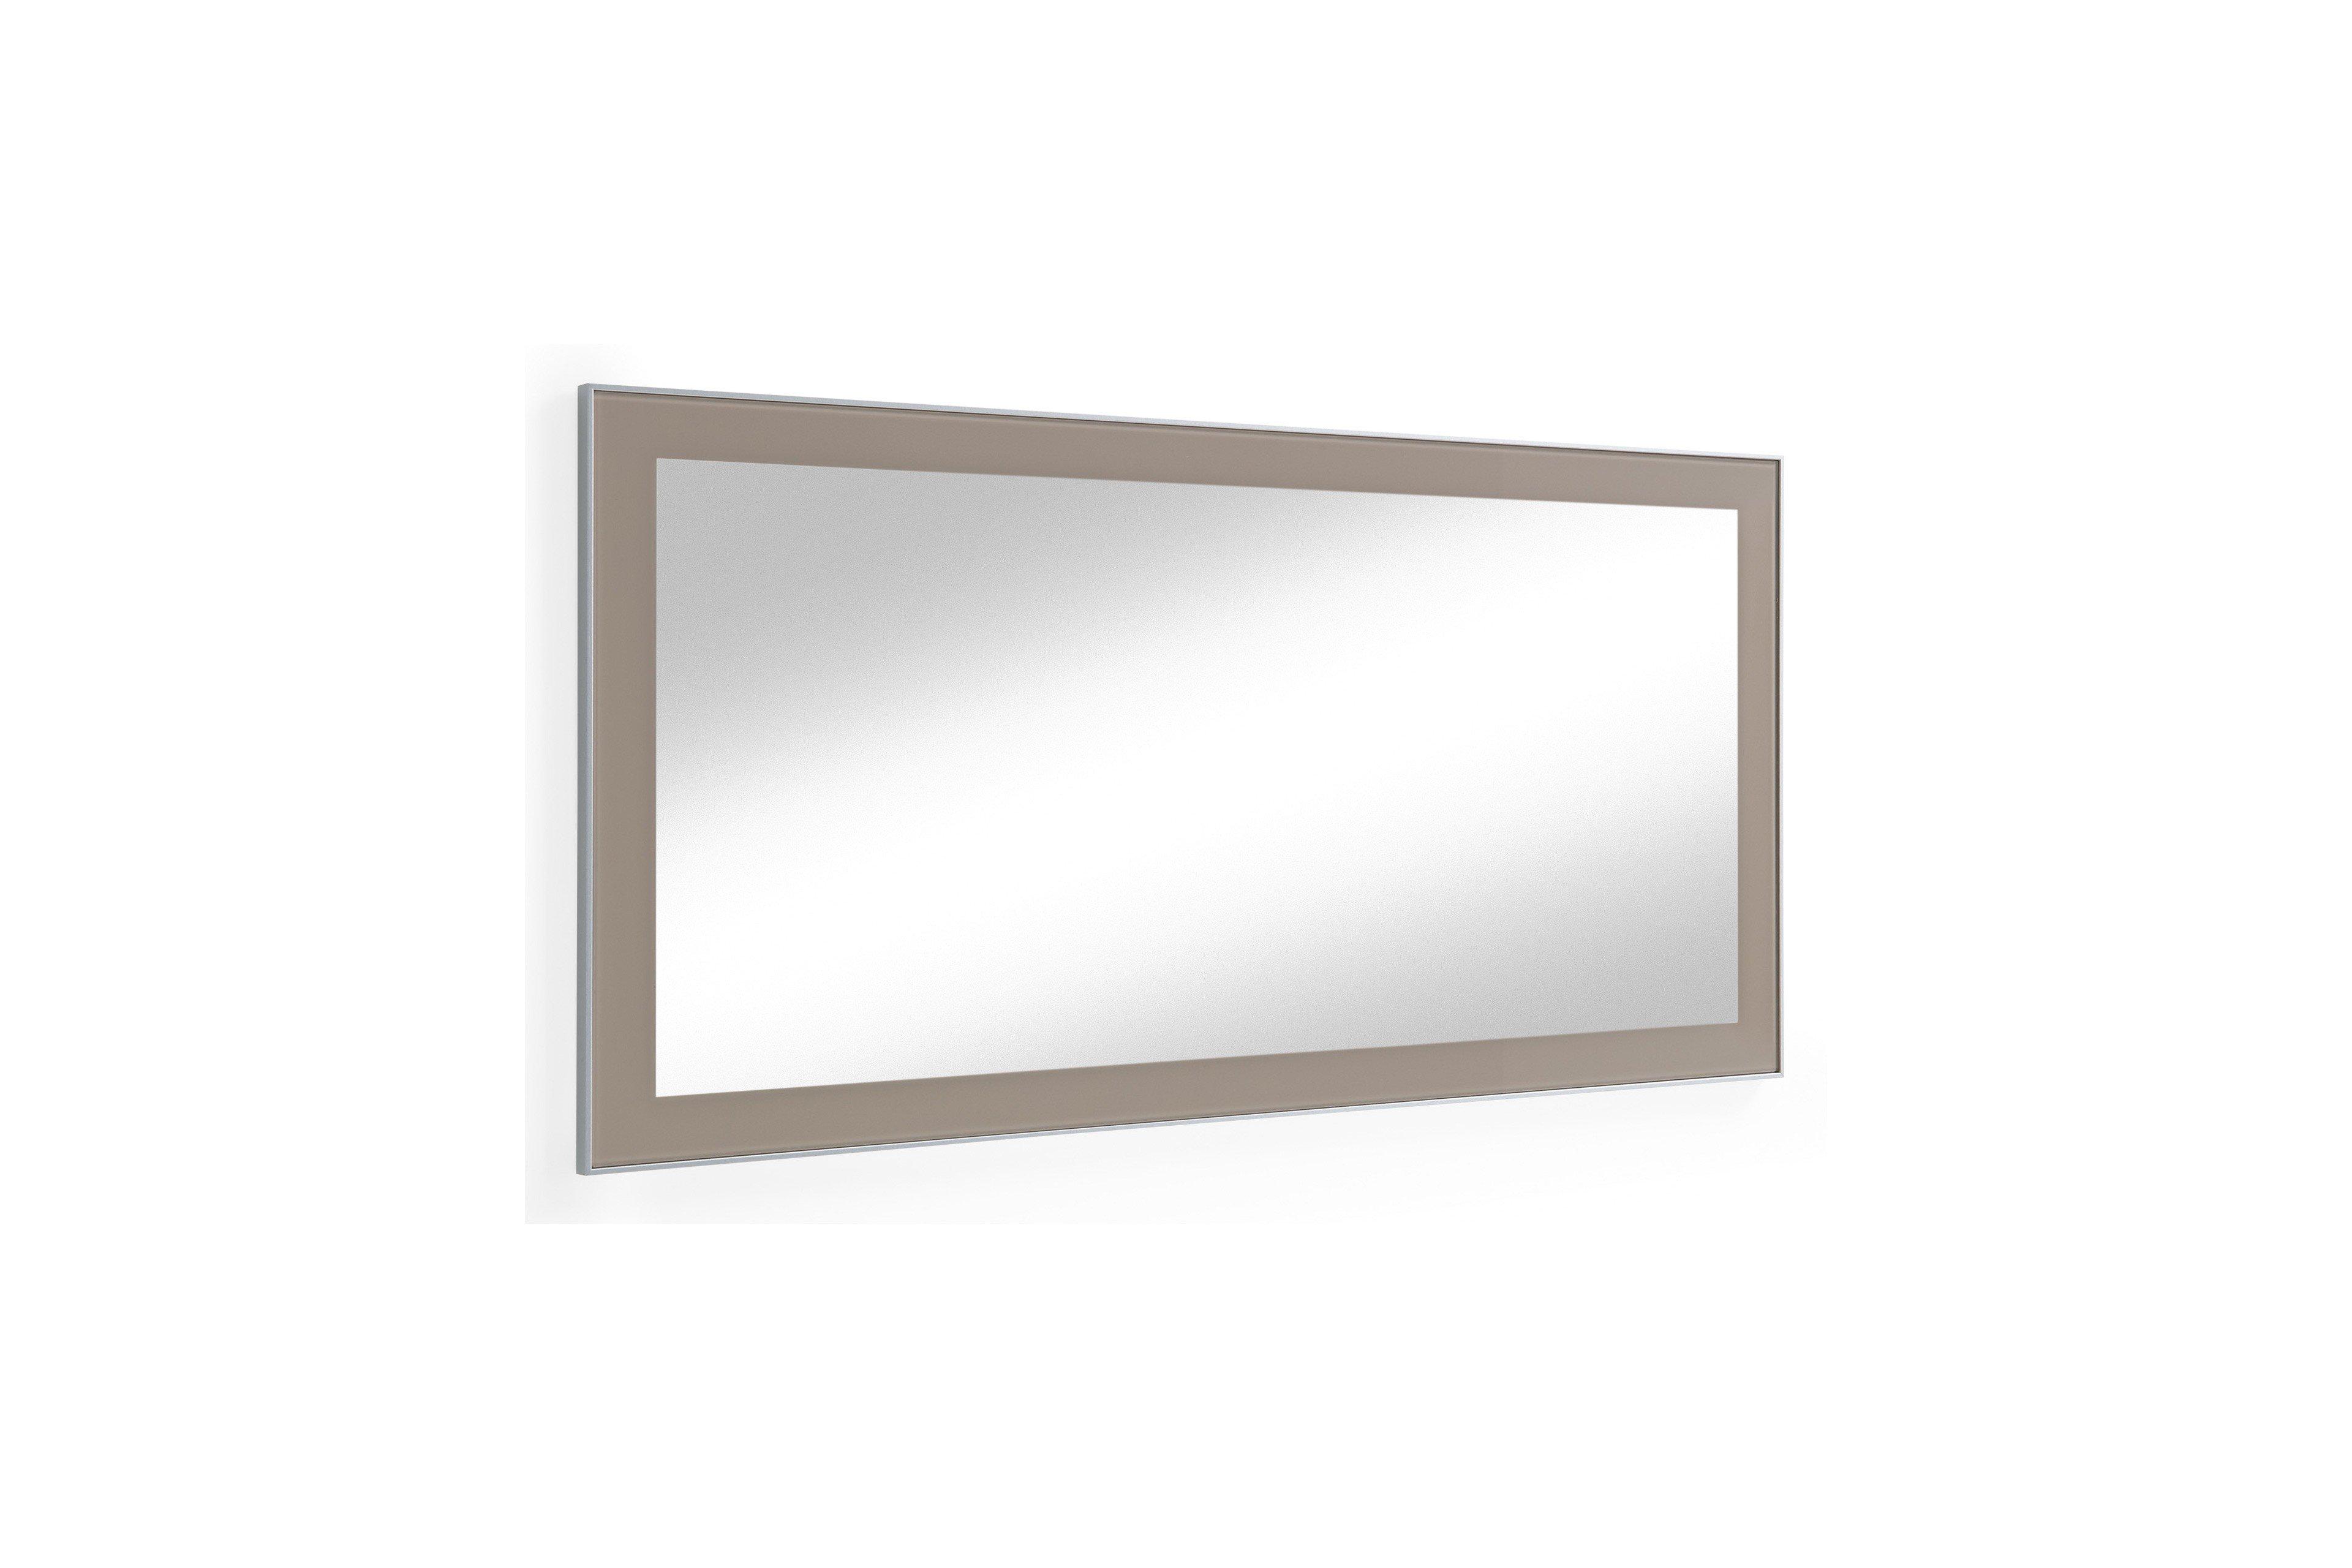 Voss Spiegel Santina mit Rahmen in Taupe | Möbel Letz - Ihr Online-Shop